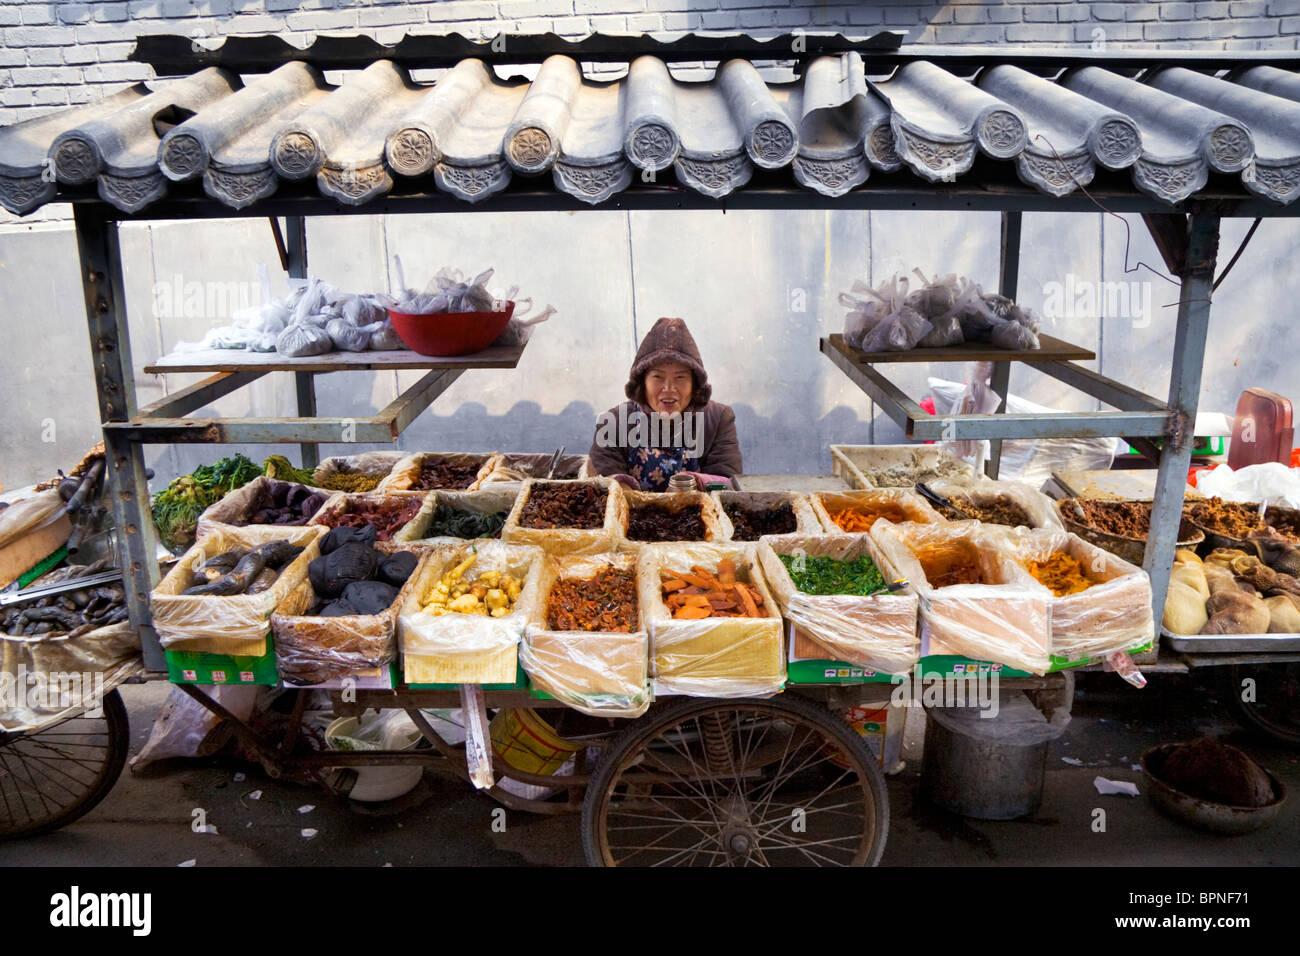 Une heureuse dame offres son marché food dans la vieille ruelles de Pékin. Photo Stock